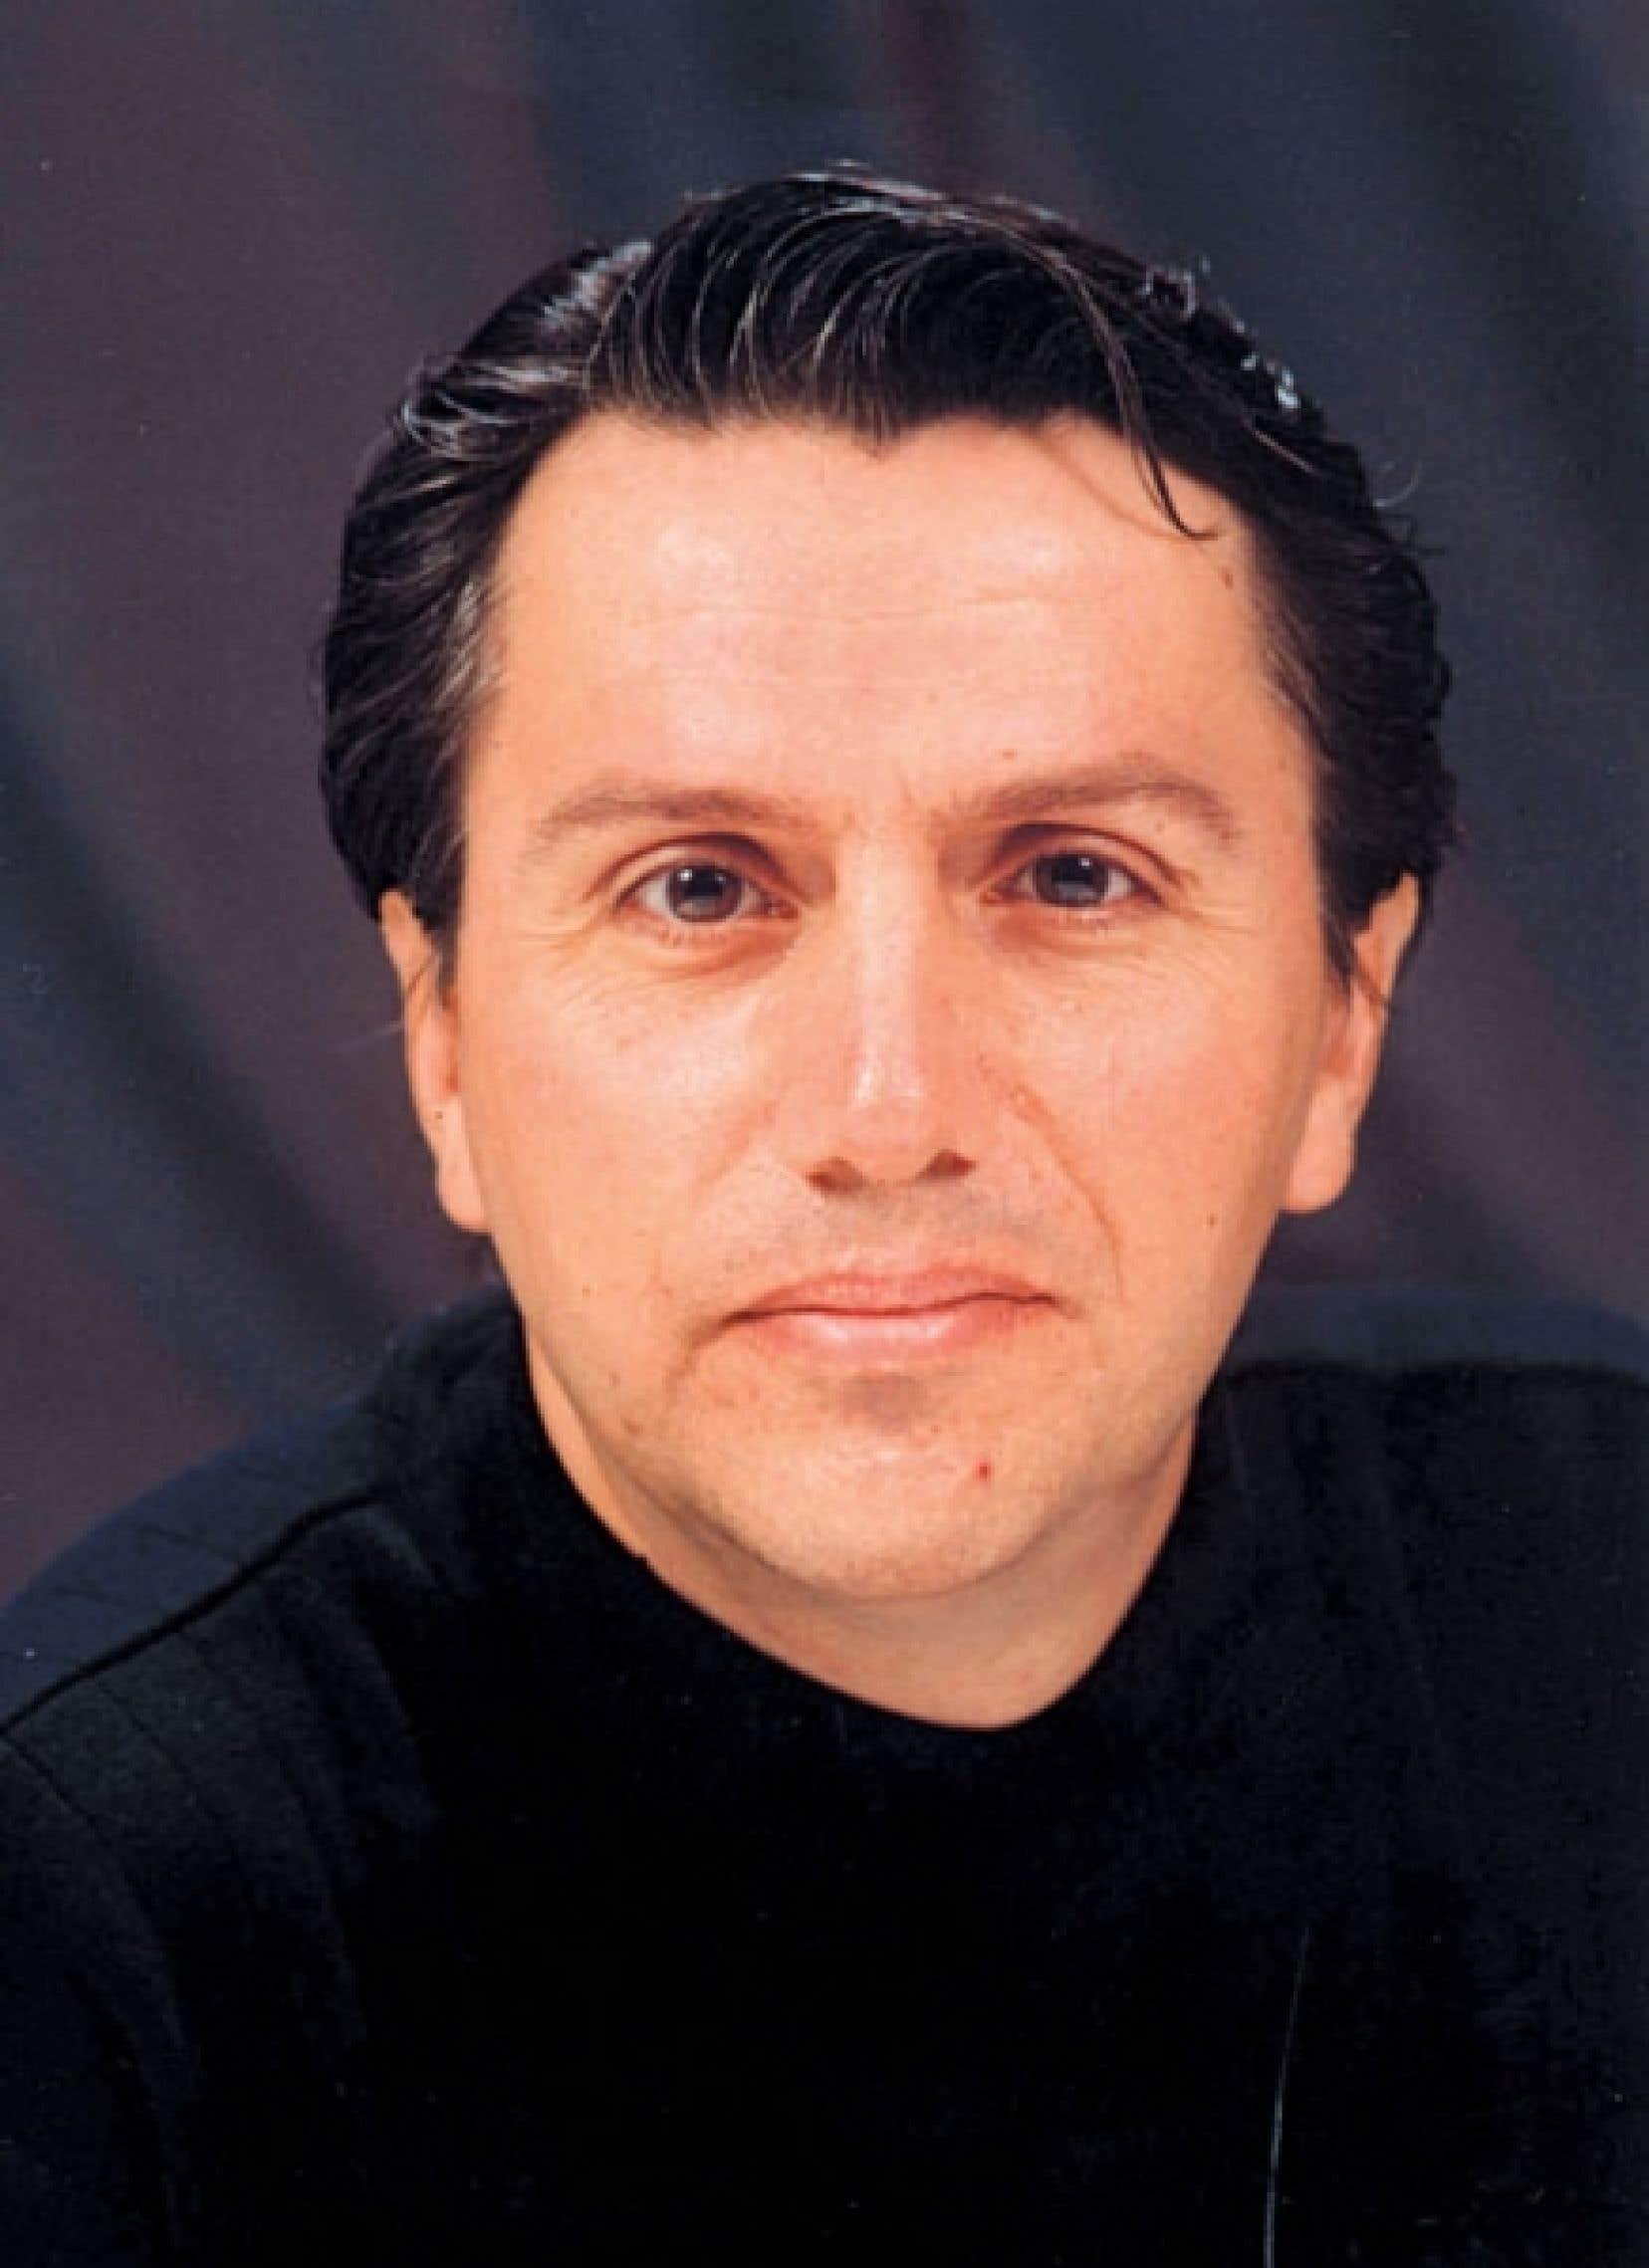 <p> Daniel D. Jacques</p>